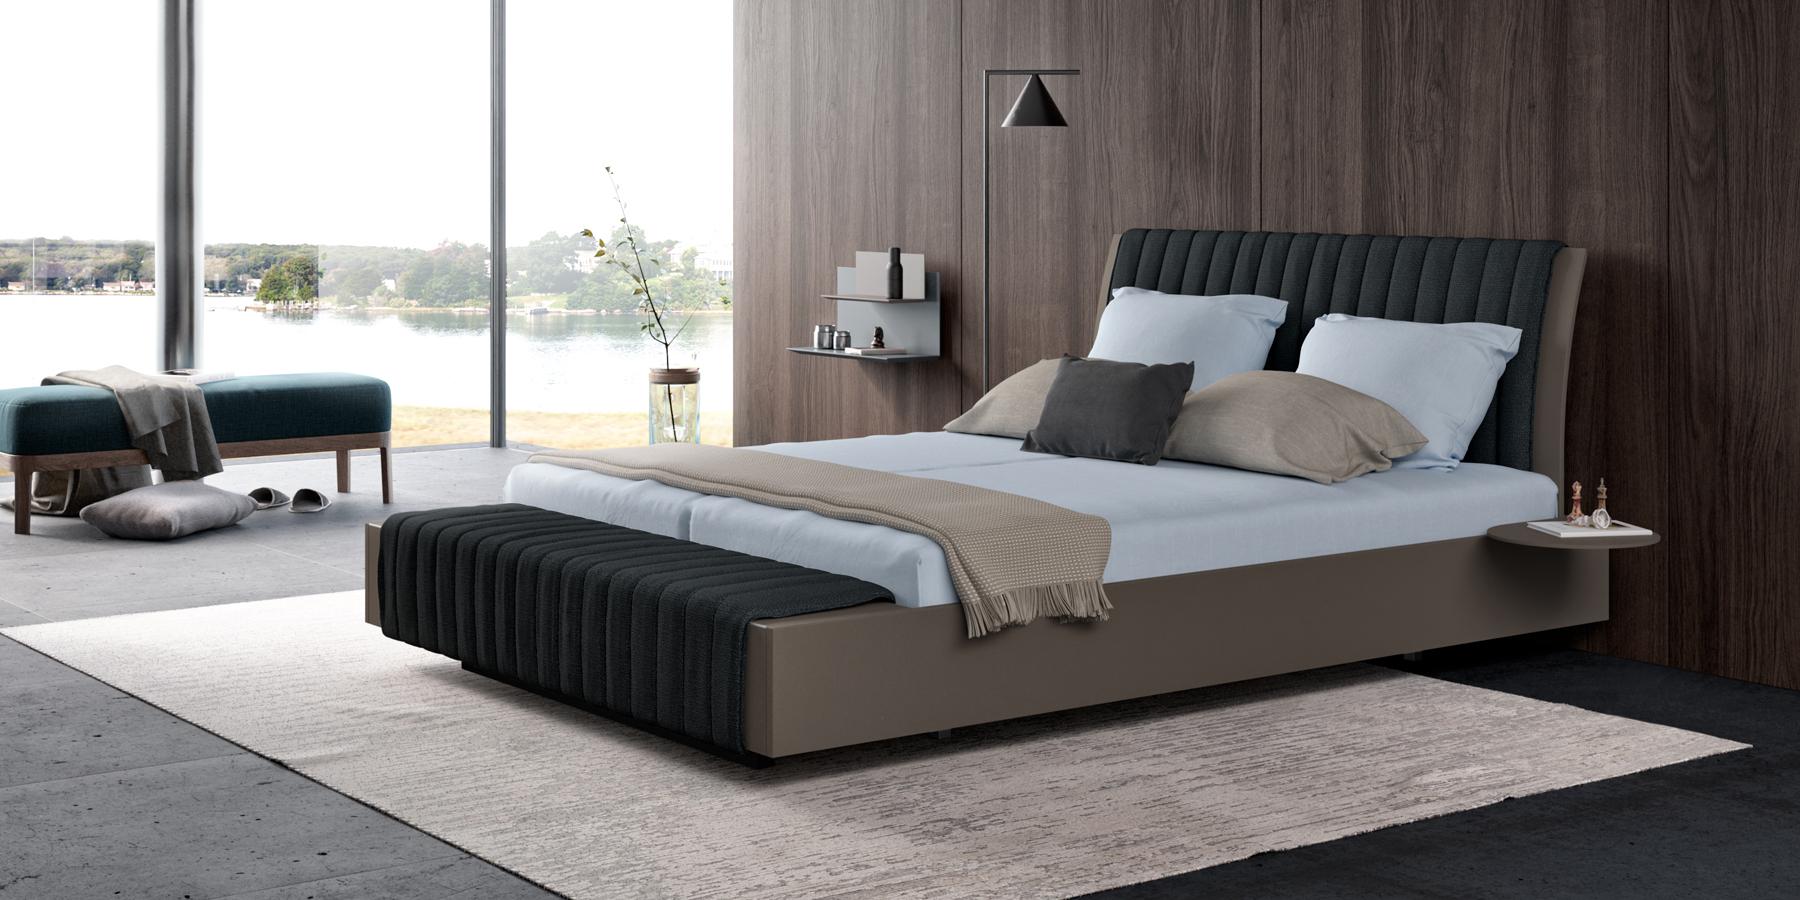 Bett mit hohem gewölbtem Kopfteil und Polsterauflage